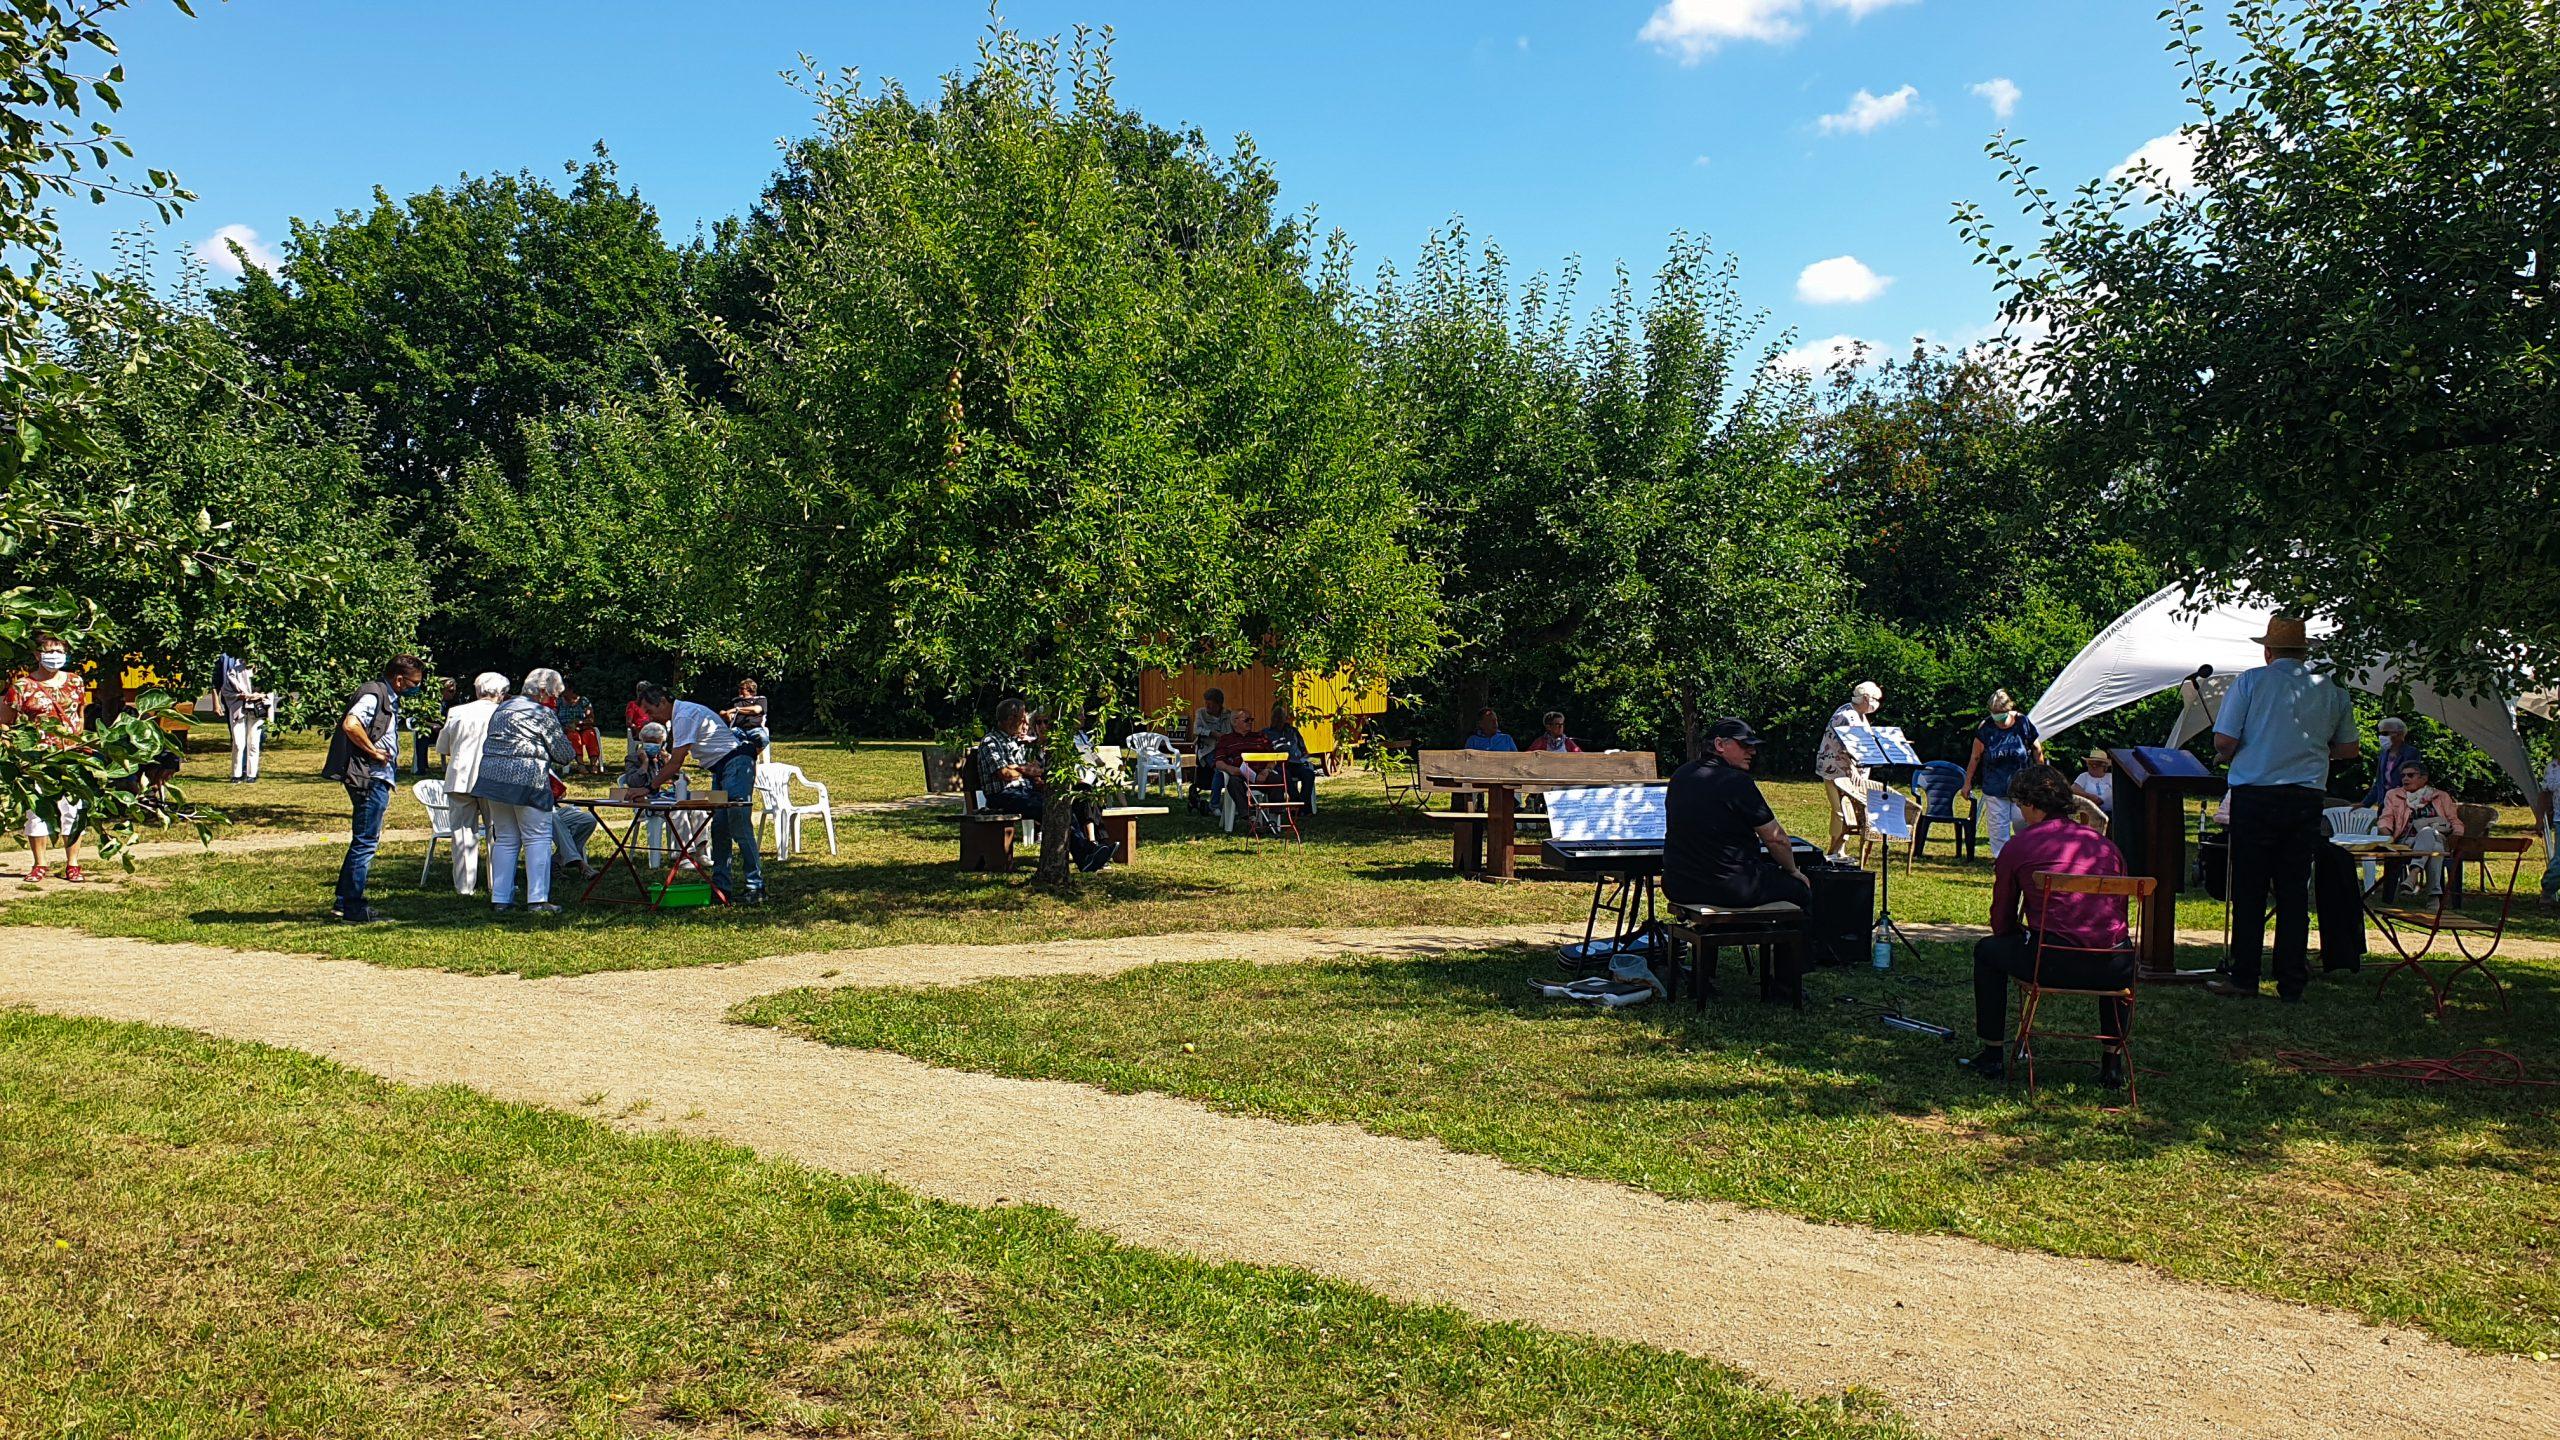 Die Kirchengemeinde Nonnenroth verlegt ihren Gottesdienst auf das Schäferwagen-Gelände